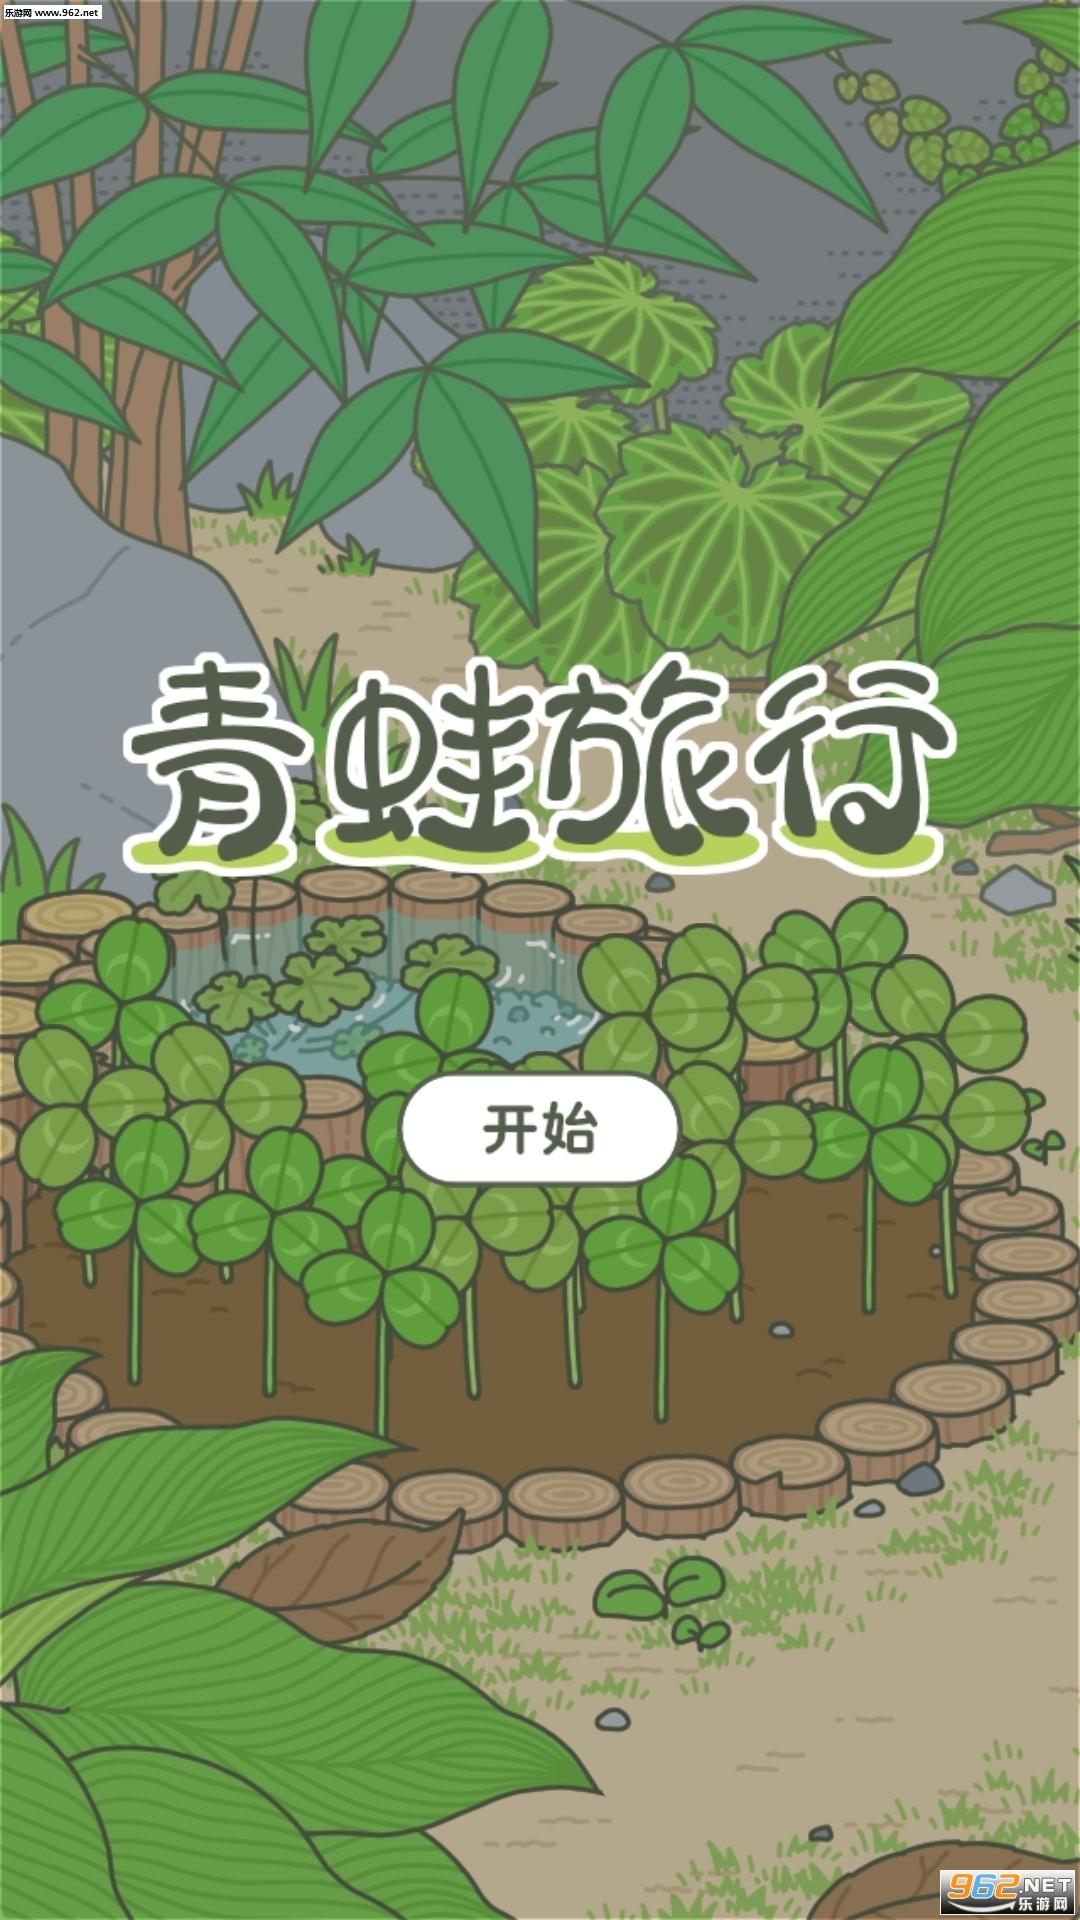 养青蛙游戏下载 养青蛙手谈中文版下载【游戏蓬莱穷游攻略图片